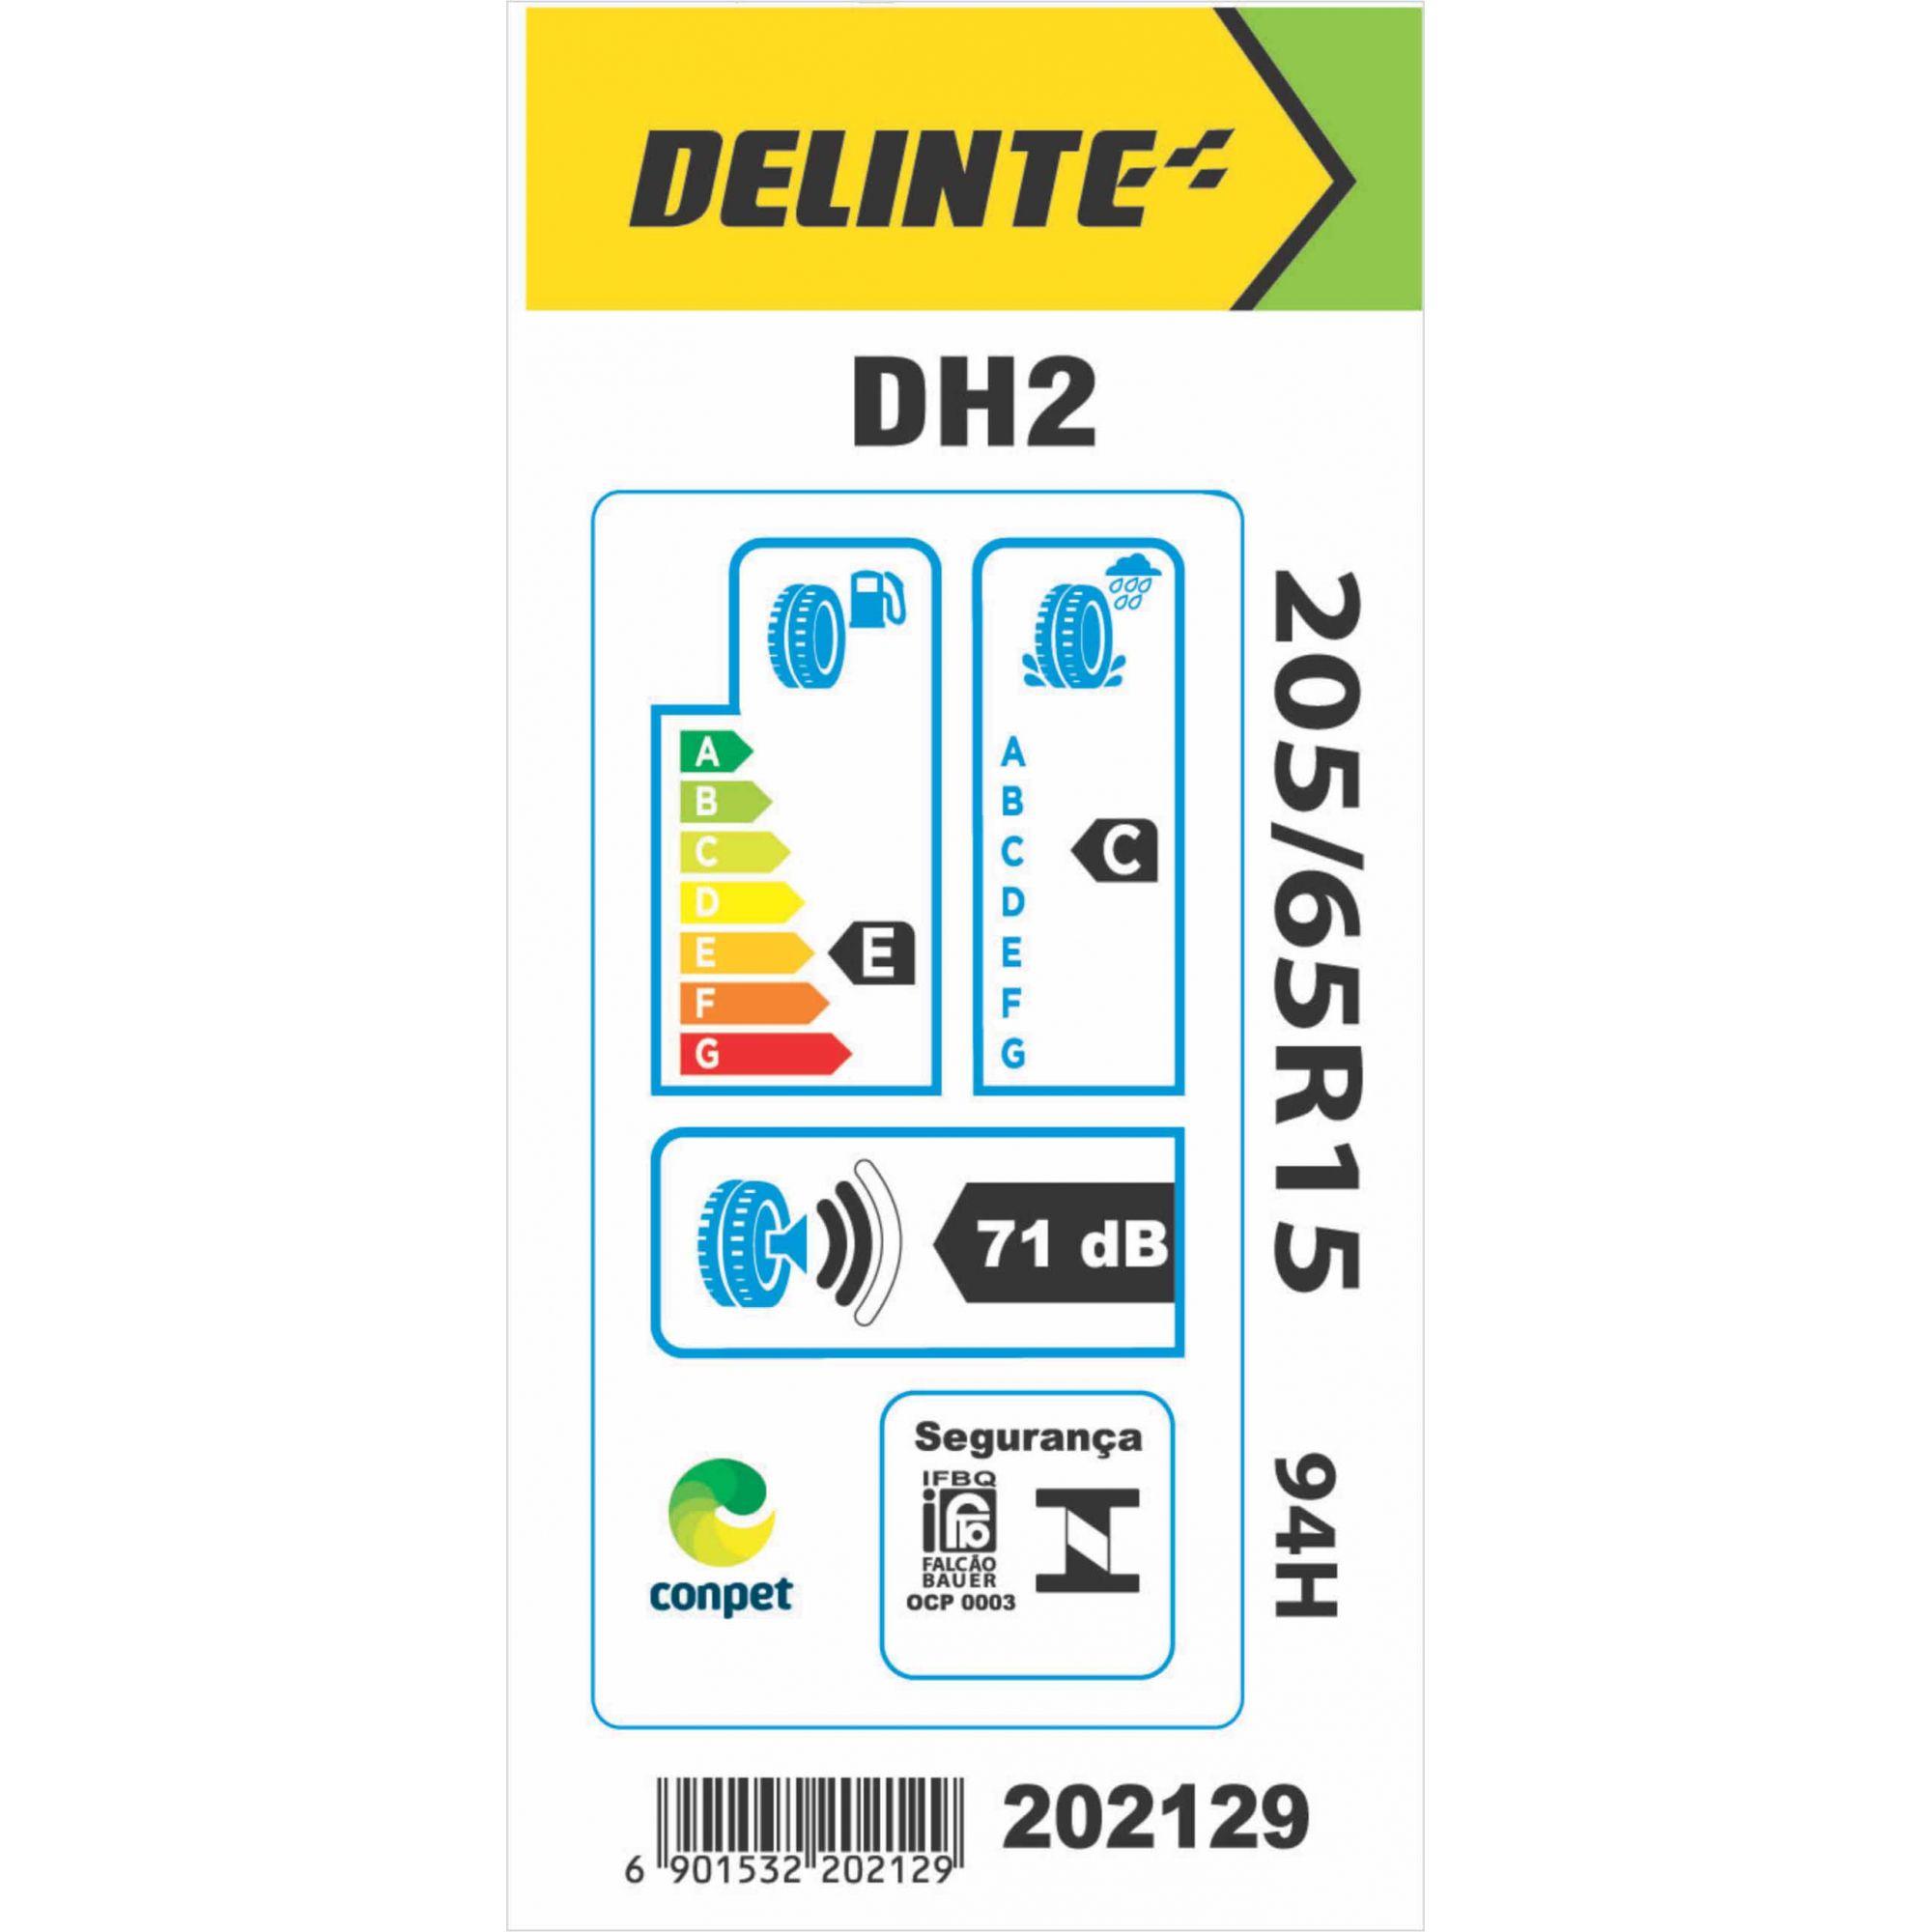 Pneu 205/65R15 Delinte DH2 94H